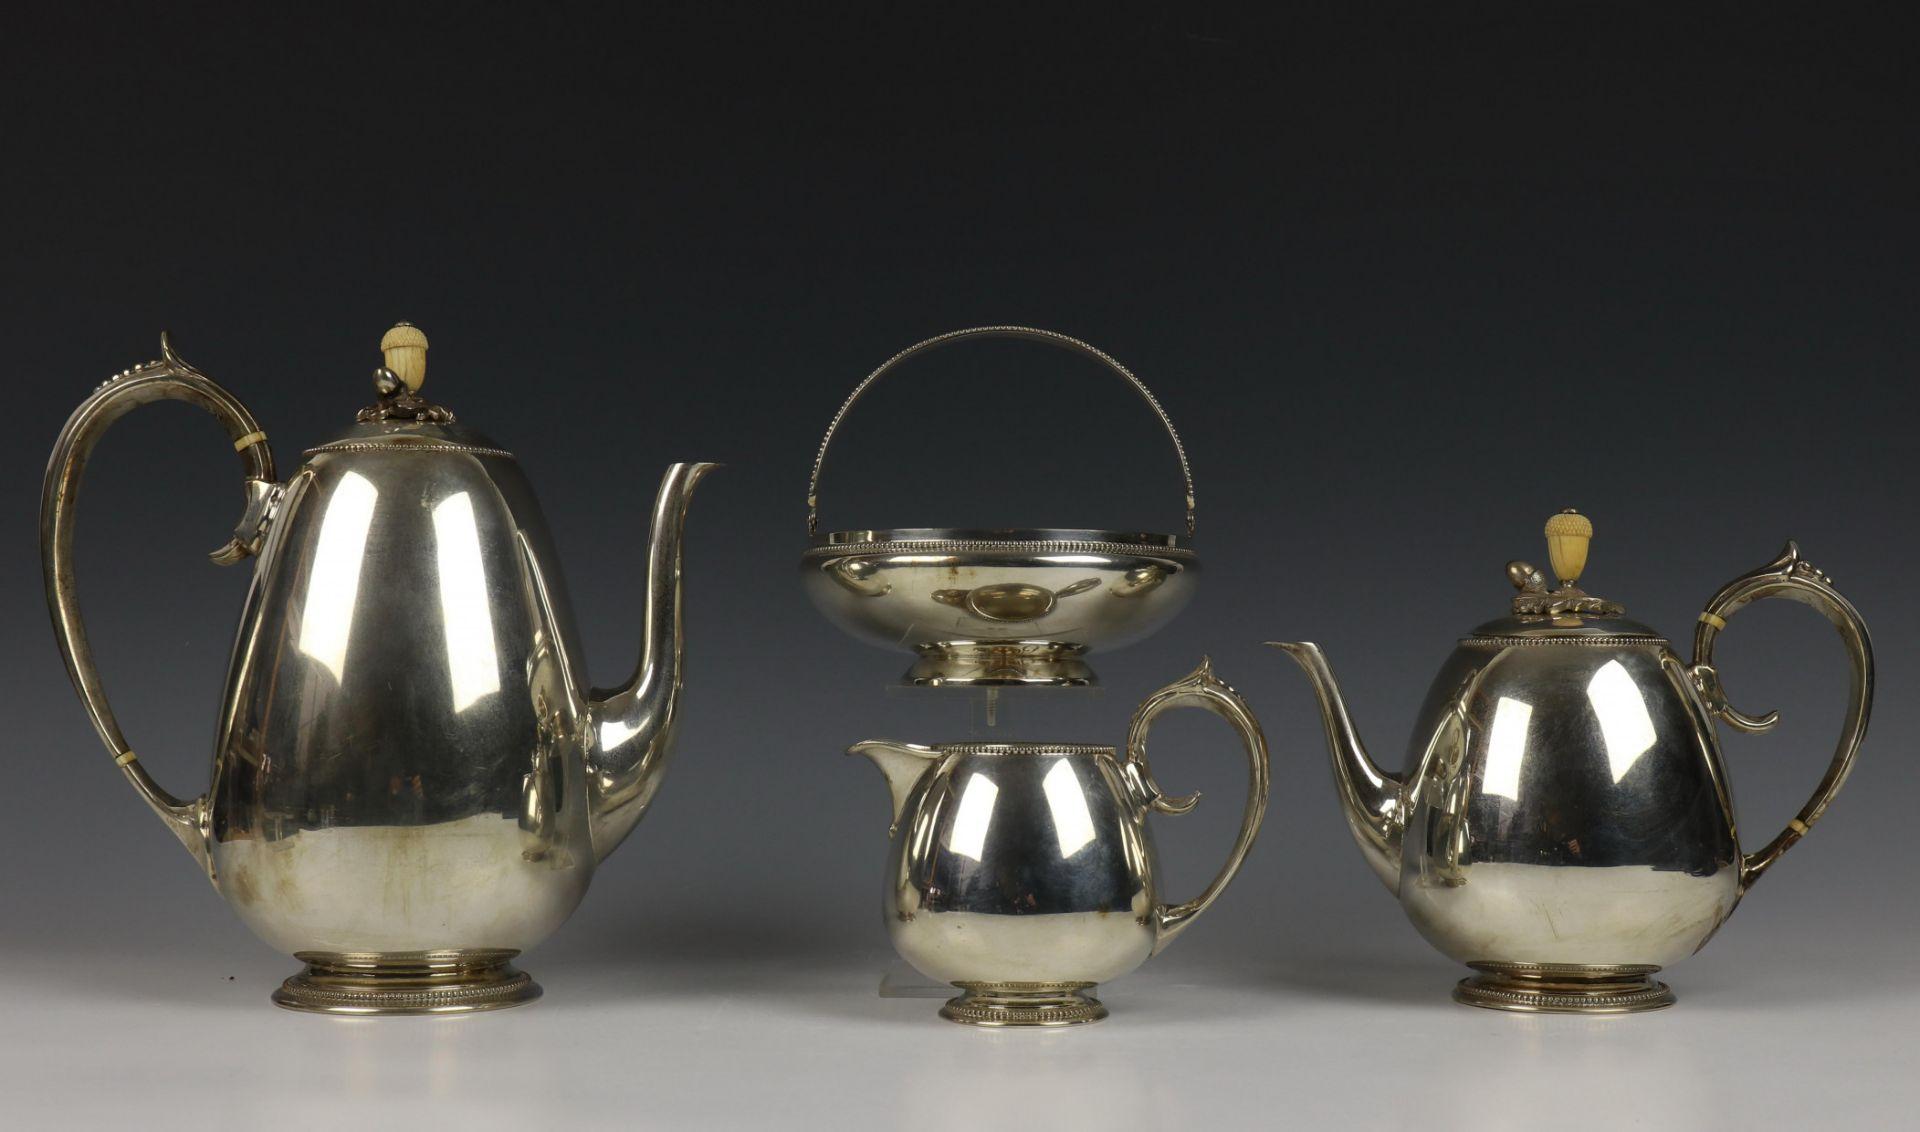 Vierdelig koffie- en theeservies, Fa. J.M. van Kempen, 19e eeuw, - Image 2 of 4